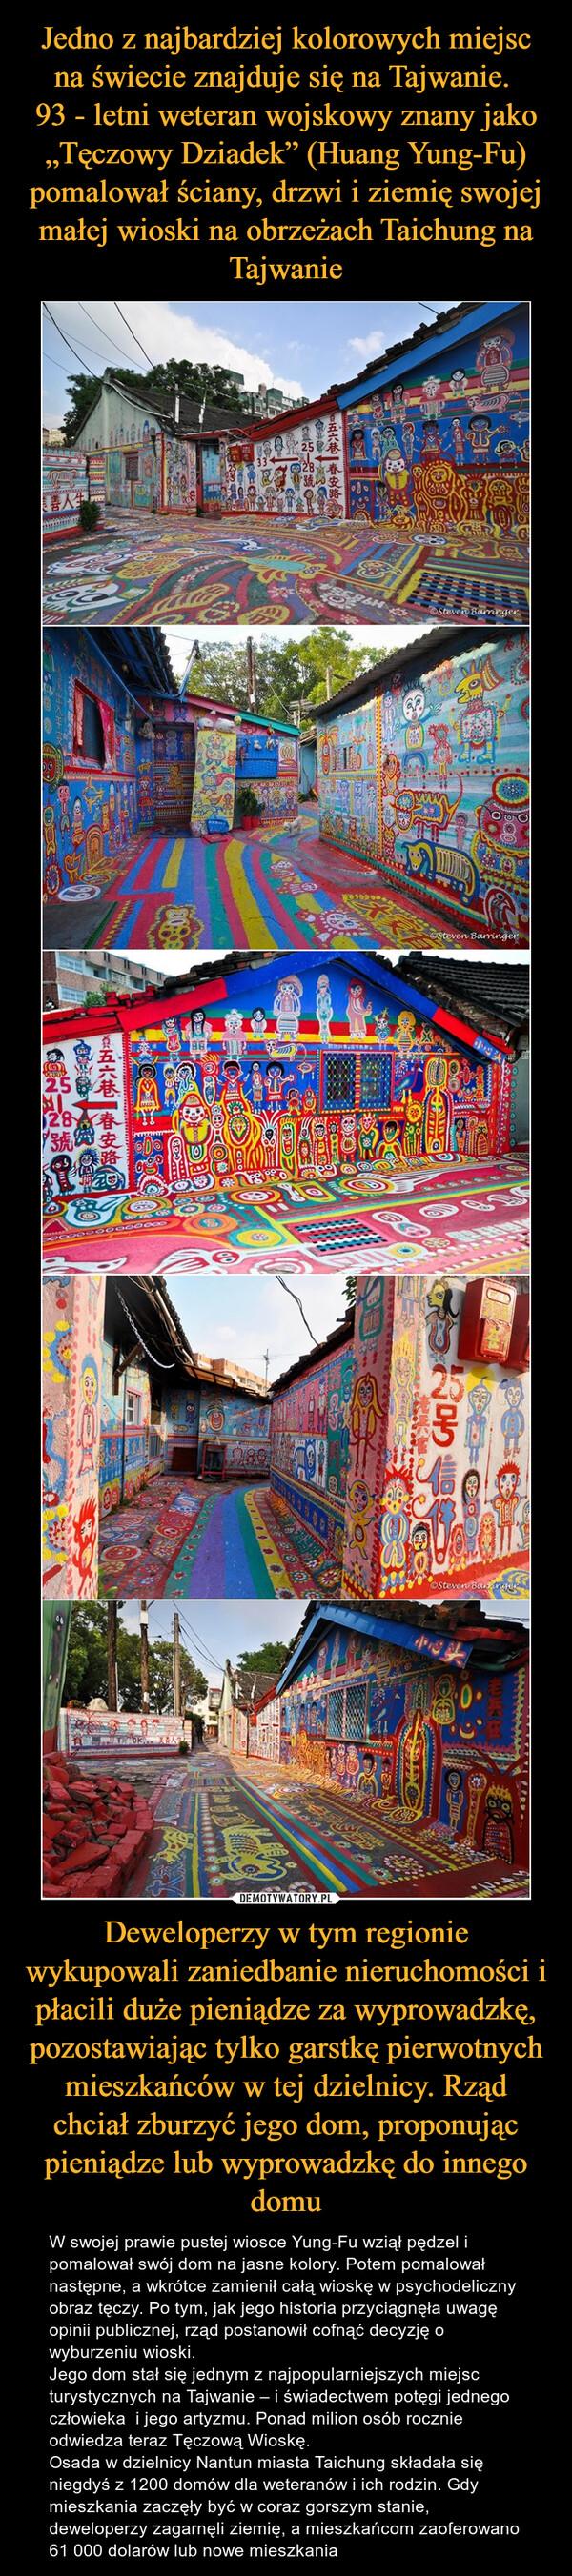 Deweloperzy w tym regionie wykupowali zaniedbanie nieruchomości i płacili duże pieniądze za wyprowadzkę, pozostawiając tylko garstkę pierwotnych mieszkańców w tej dzielnicy. Rząd chciał zburzyć jego dom, proponując pieniądze lub wyprowadzkę do innego domu – W swojej prawie pustej wiosce Yung-Fu wziął pędzel i pomalował swój dom na jasne kolory. Potem pomalował następne, a wkrótce zamienił całą wioskę w psychodeliczny obraz tęczy. Po tym, jak jego historia przyciągnęła uwagę opinii publicznej, rząd postanowił cofnąć decyzję o wyburzeniu wioski.Jego dom stał się jednym z najpopularniejszych miejsc turystycznych na Tajwanie – i świadectwem potęgi jednego człowieka  i jego artyzmu. Ponad milion osób rocznie odwiedza teraz Tęczową Wioskę.Osada w dzielnicy Nantun miasta Taichung składała się niegdyś z 1200 domów dla weteranów i ich rodzin. Gdy mieszkania zaczęły być w coraz gorszym stanie, deweloperzy zagarnęli ziemię, a mieszkańcom zaoferowano 61 000 dolarów lub nowe mieszkania